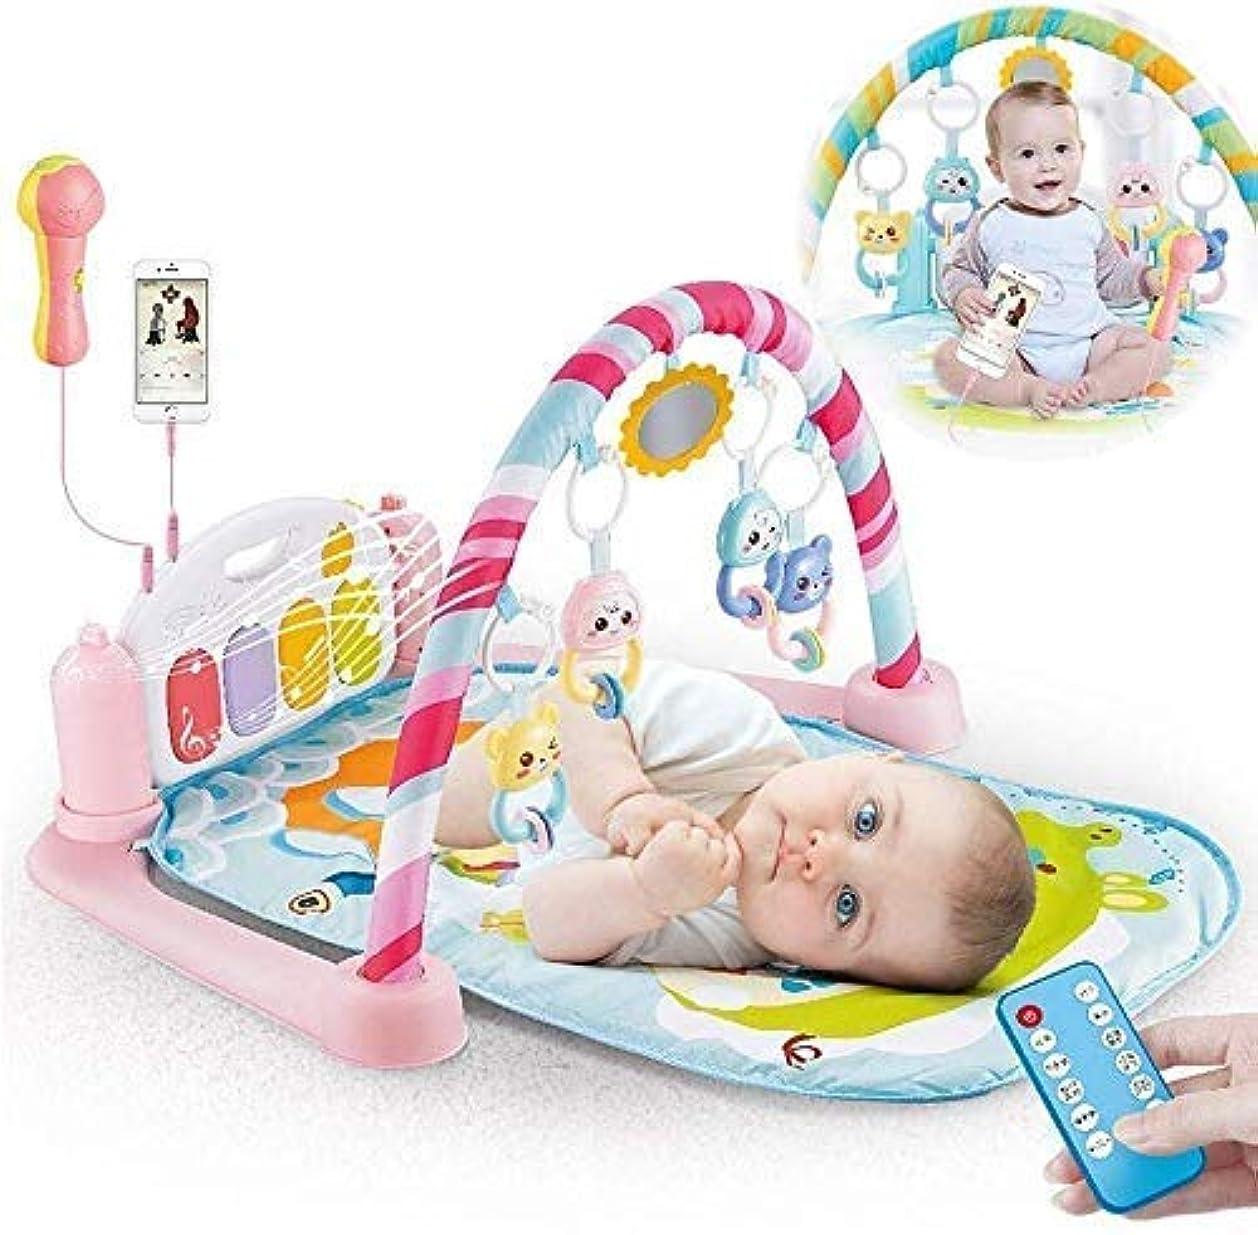 甥香水マーティンルーサーキングジュニア幼児用プレイマットフェンスSucastleBaby Play Mats Gym Piano Activity Mat with Music Sound Multifunction Playmats for 0-6 Months Newborn Infants Babies Toys